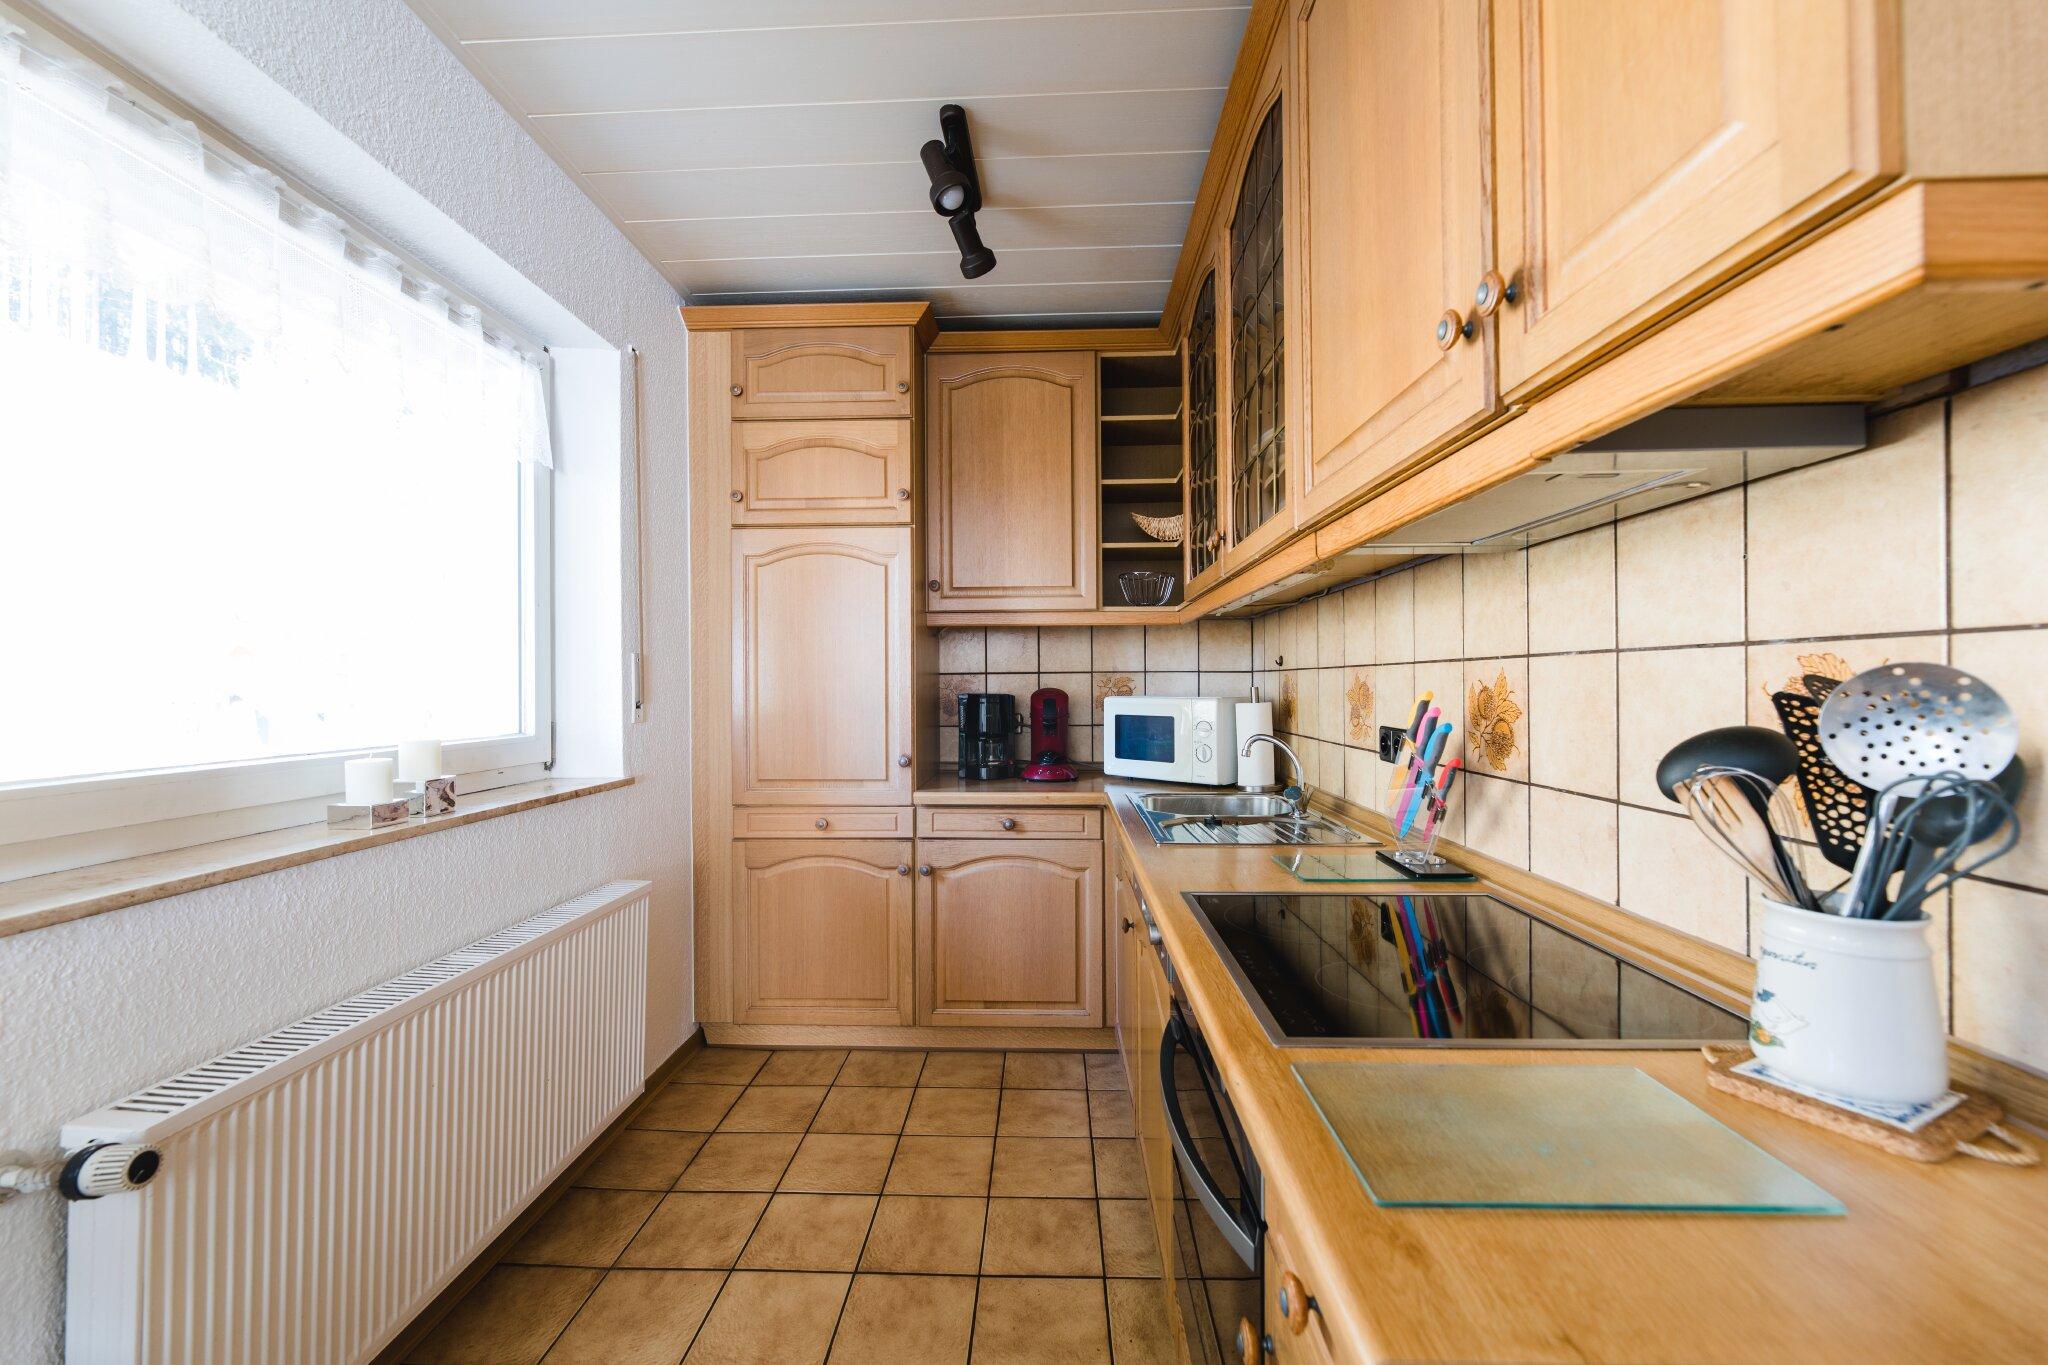 Küche mit Eßplatz am Kachelofen